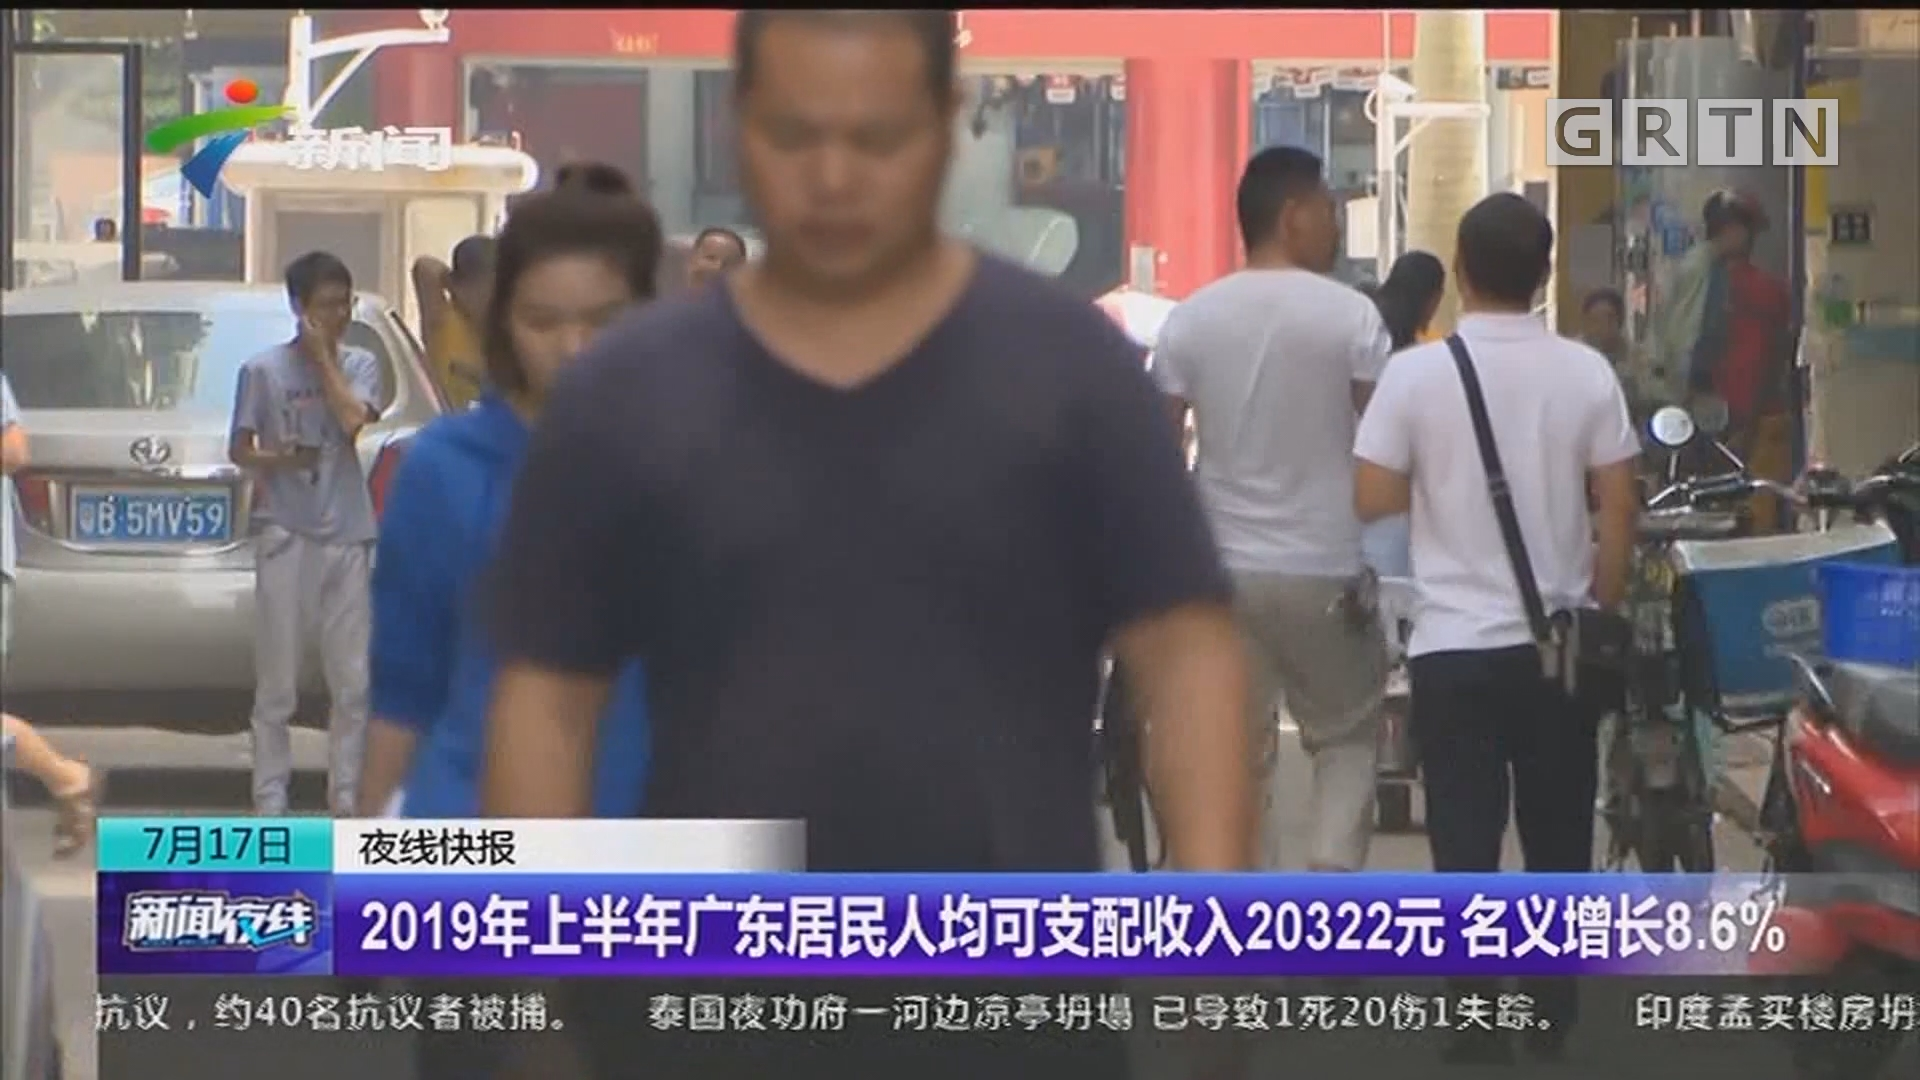 2019年上半年广东居民人均可支配收入20322元 名义增长8.6%